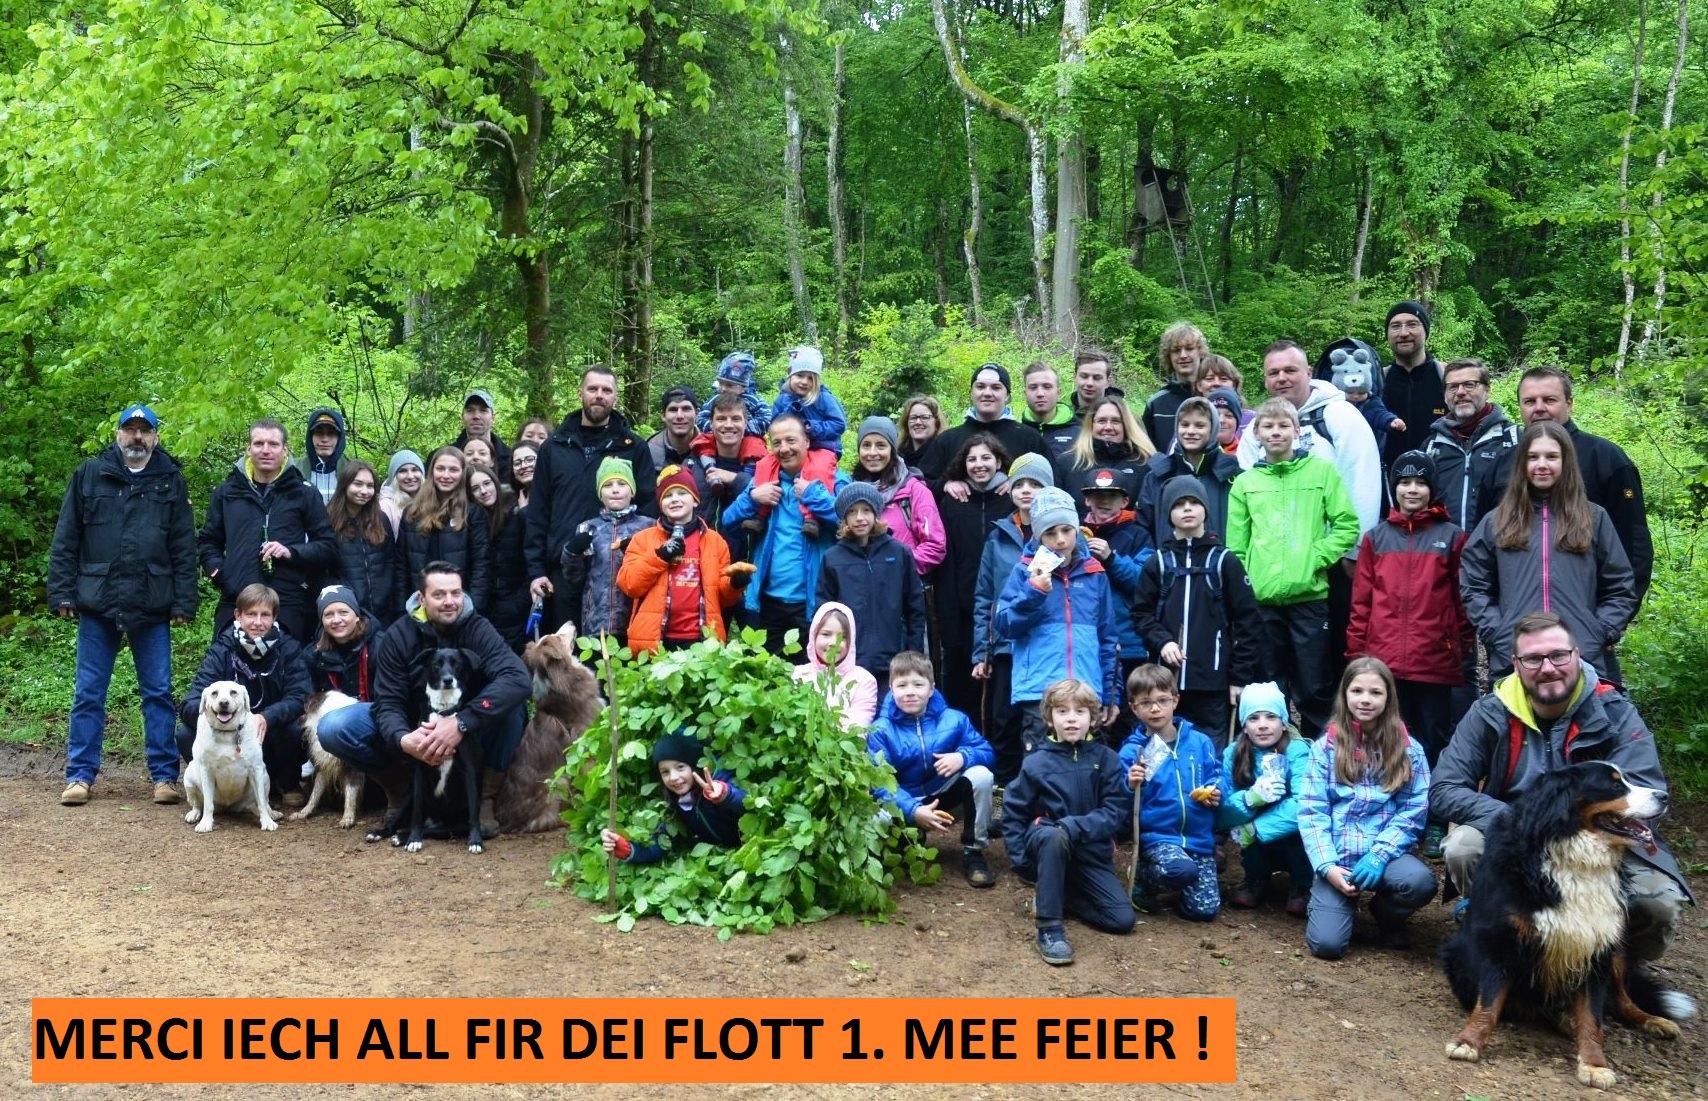 1. MEE FEIER 2018 - MERCI